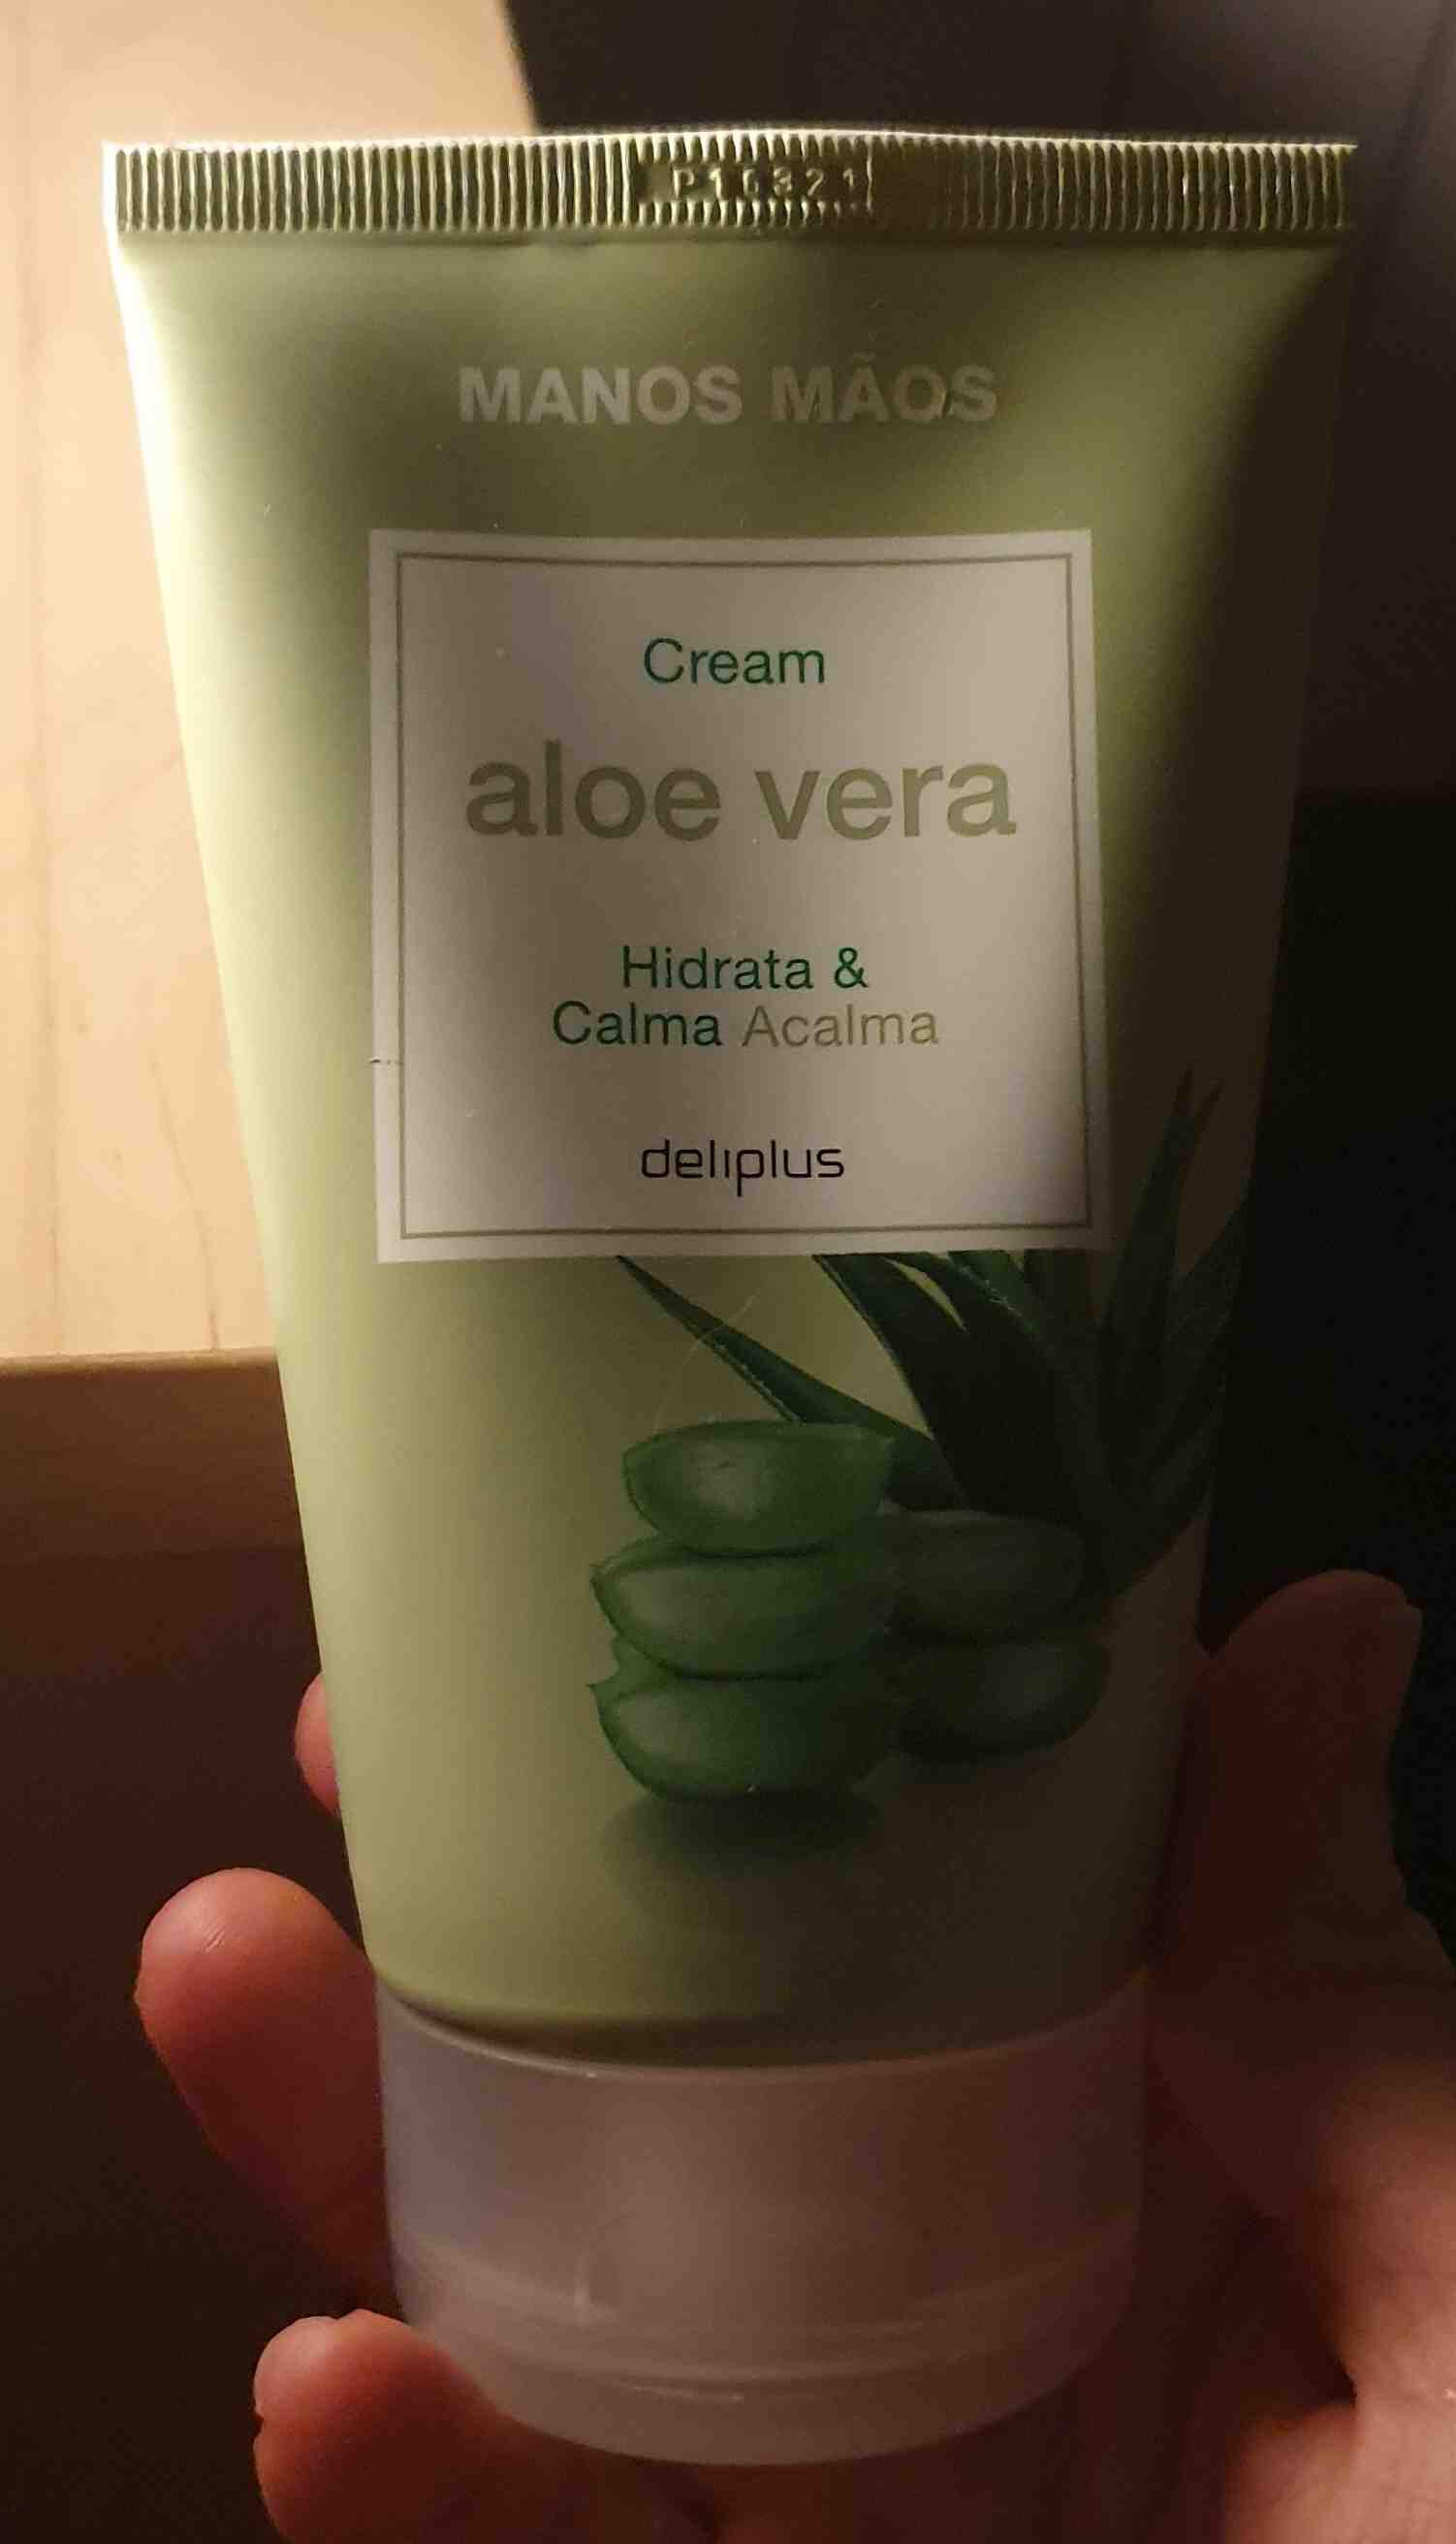 Crema de manos de aloe vera - Product